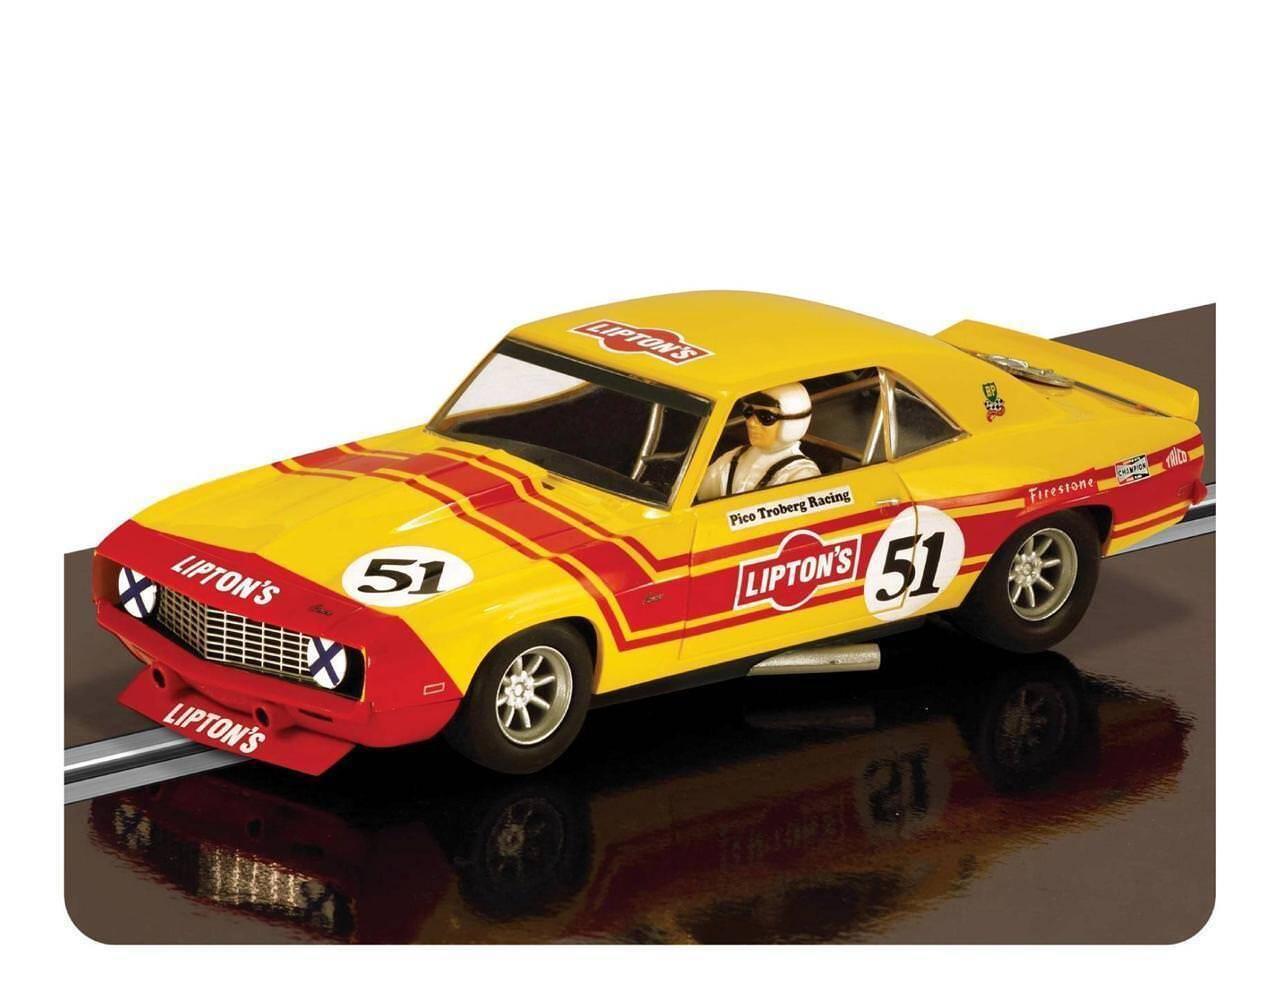 Scalextric - C3314 Chevrolet Camaro Pico Troberg Racing - NEW